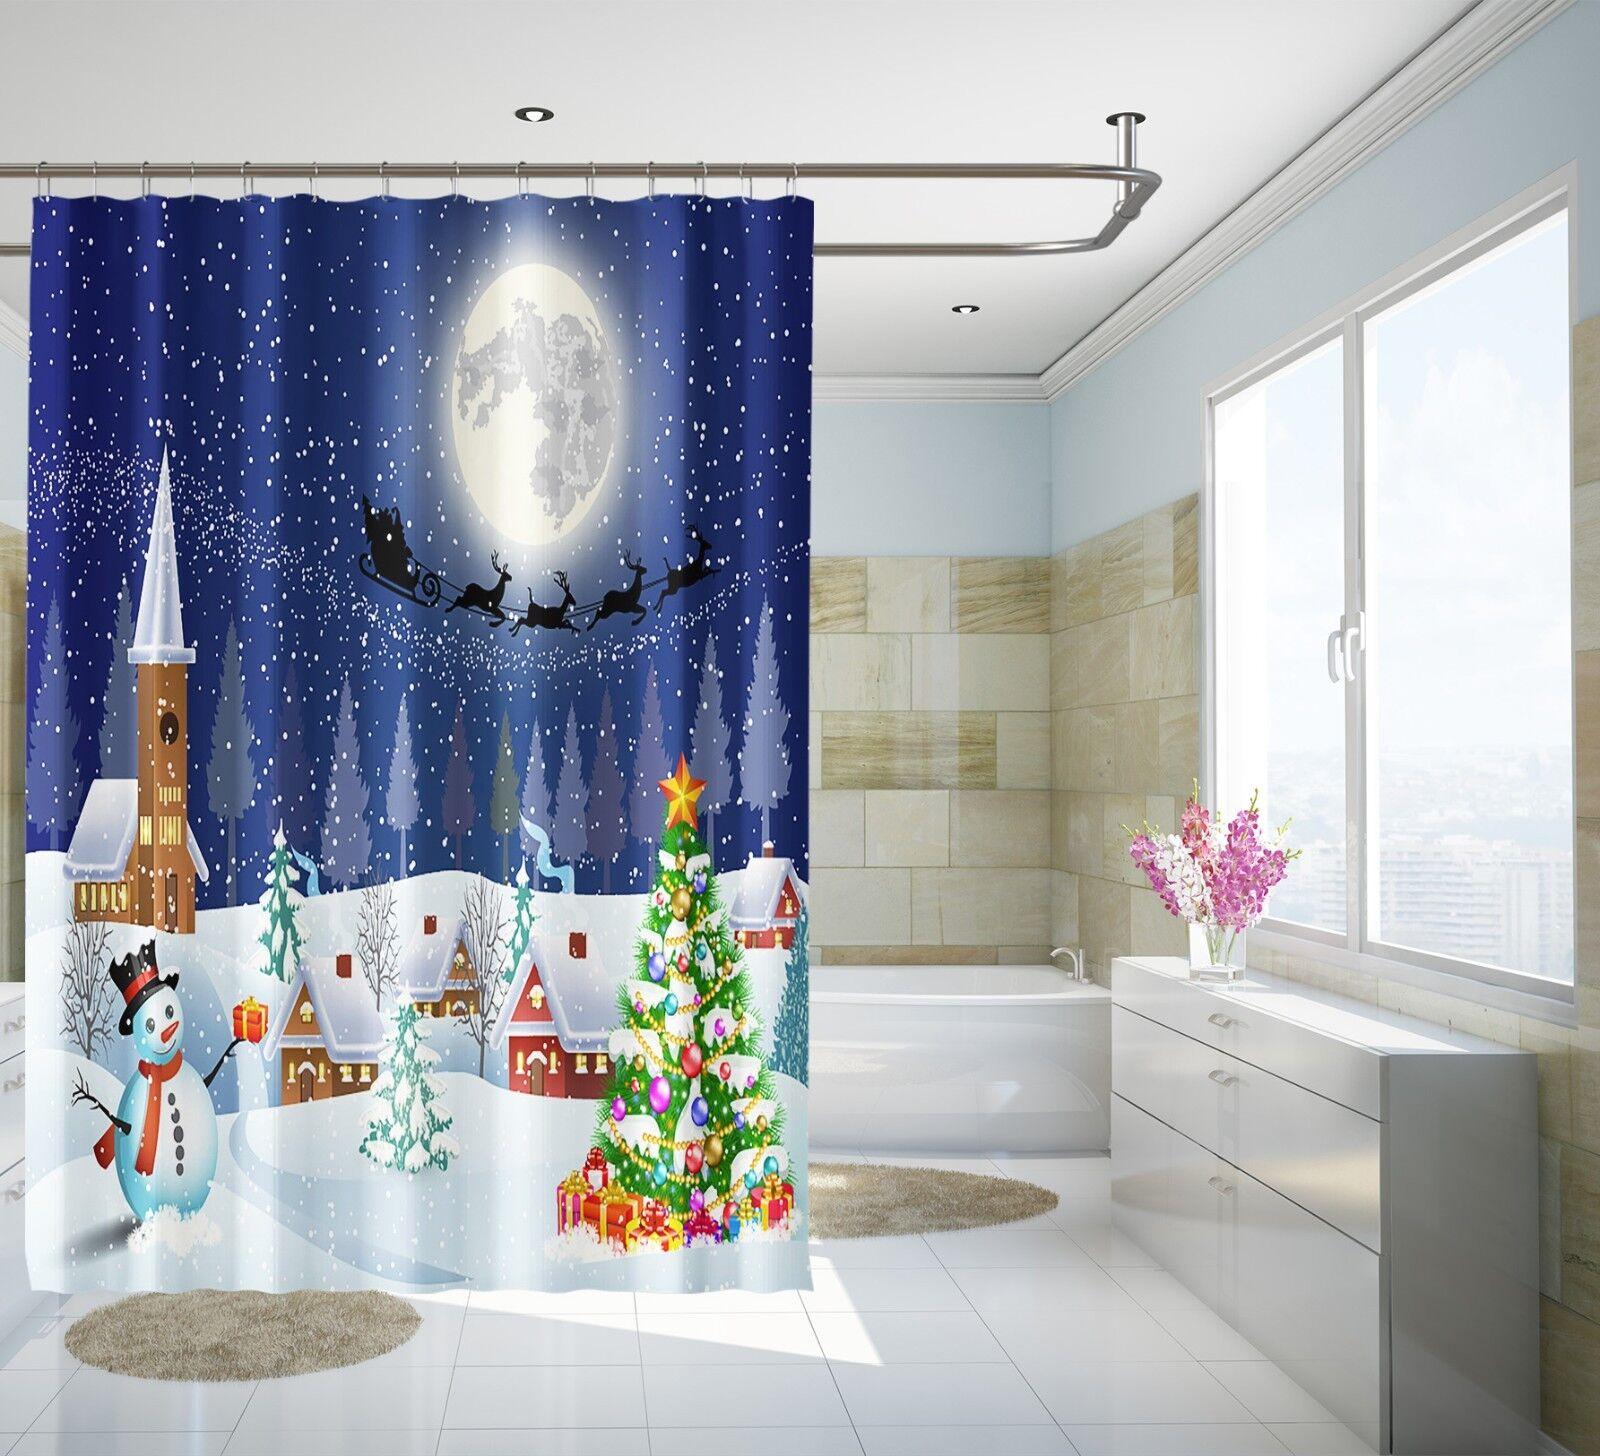 3d navidad 325 cortina de ducha impermeable fibra baño en casa Windows inodoro de